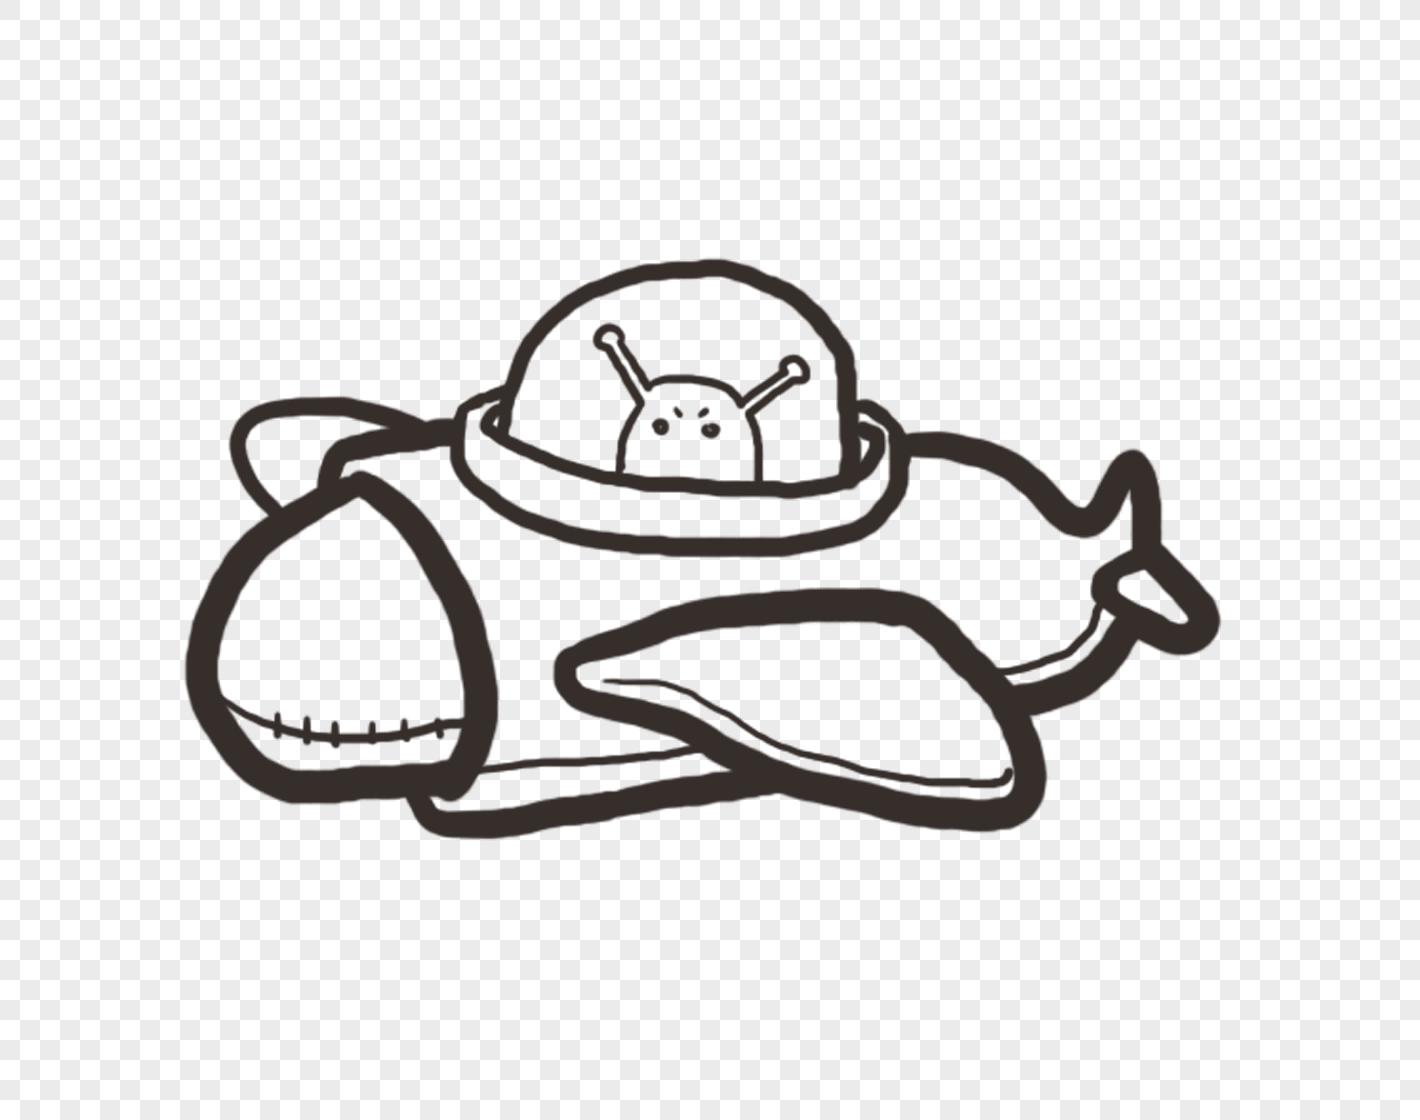 手绘飞机元素素材png格式_设计素材免费下载_vrf高清